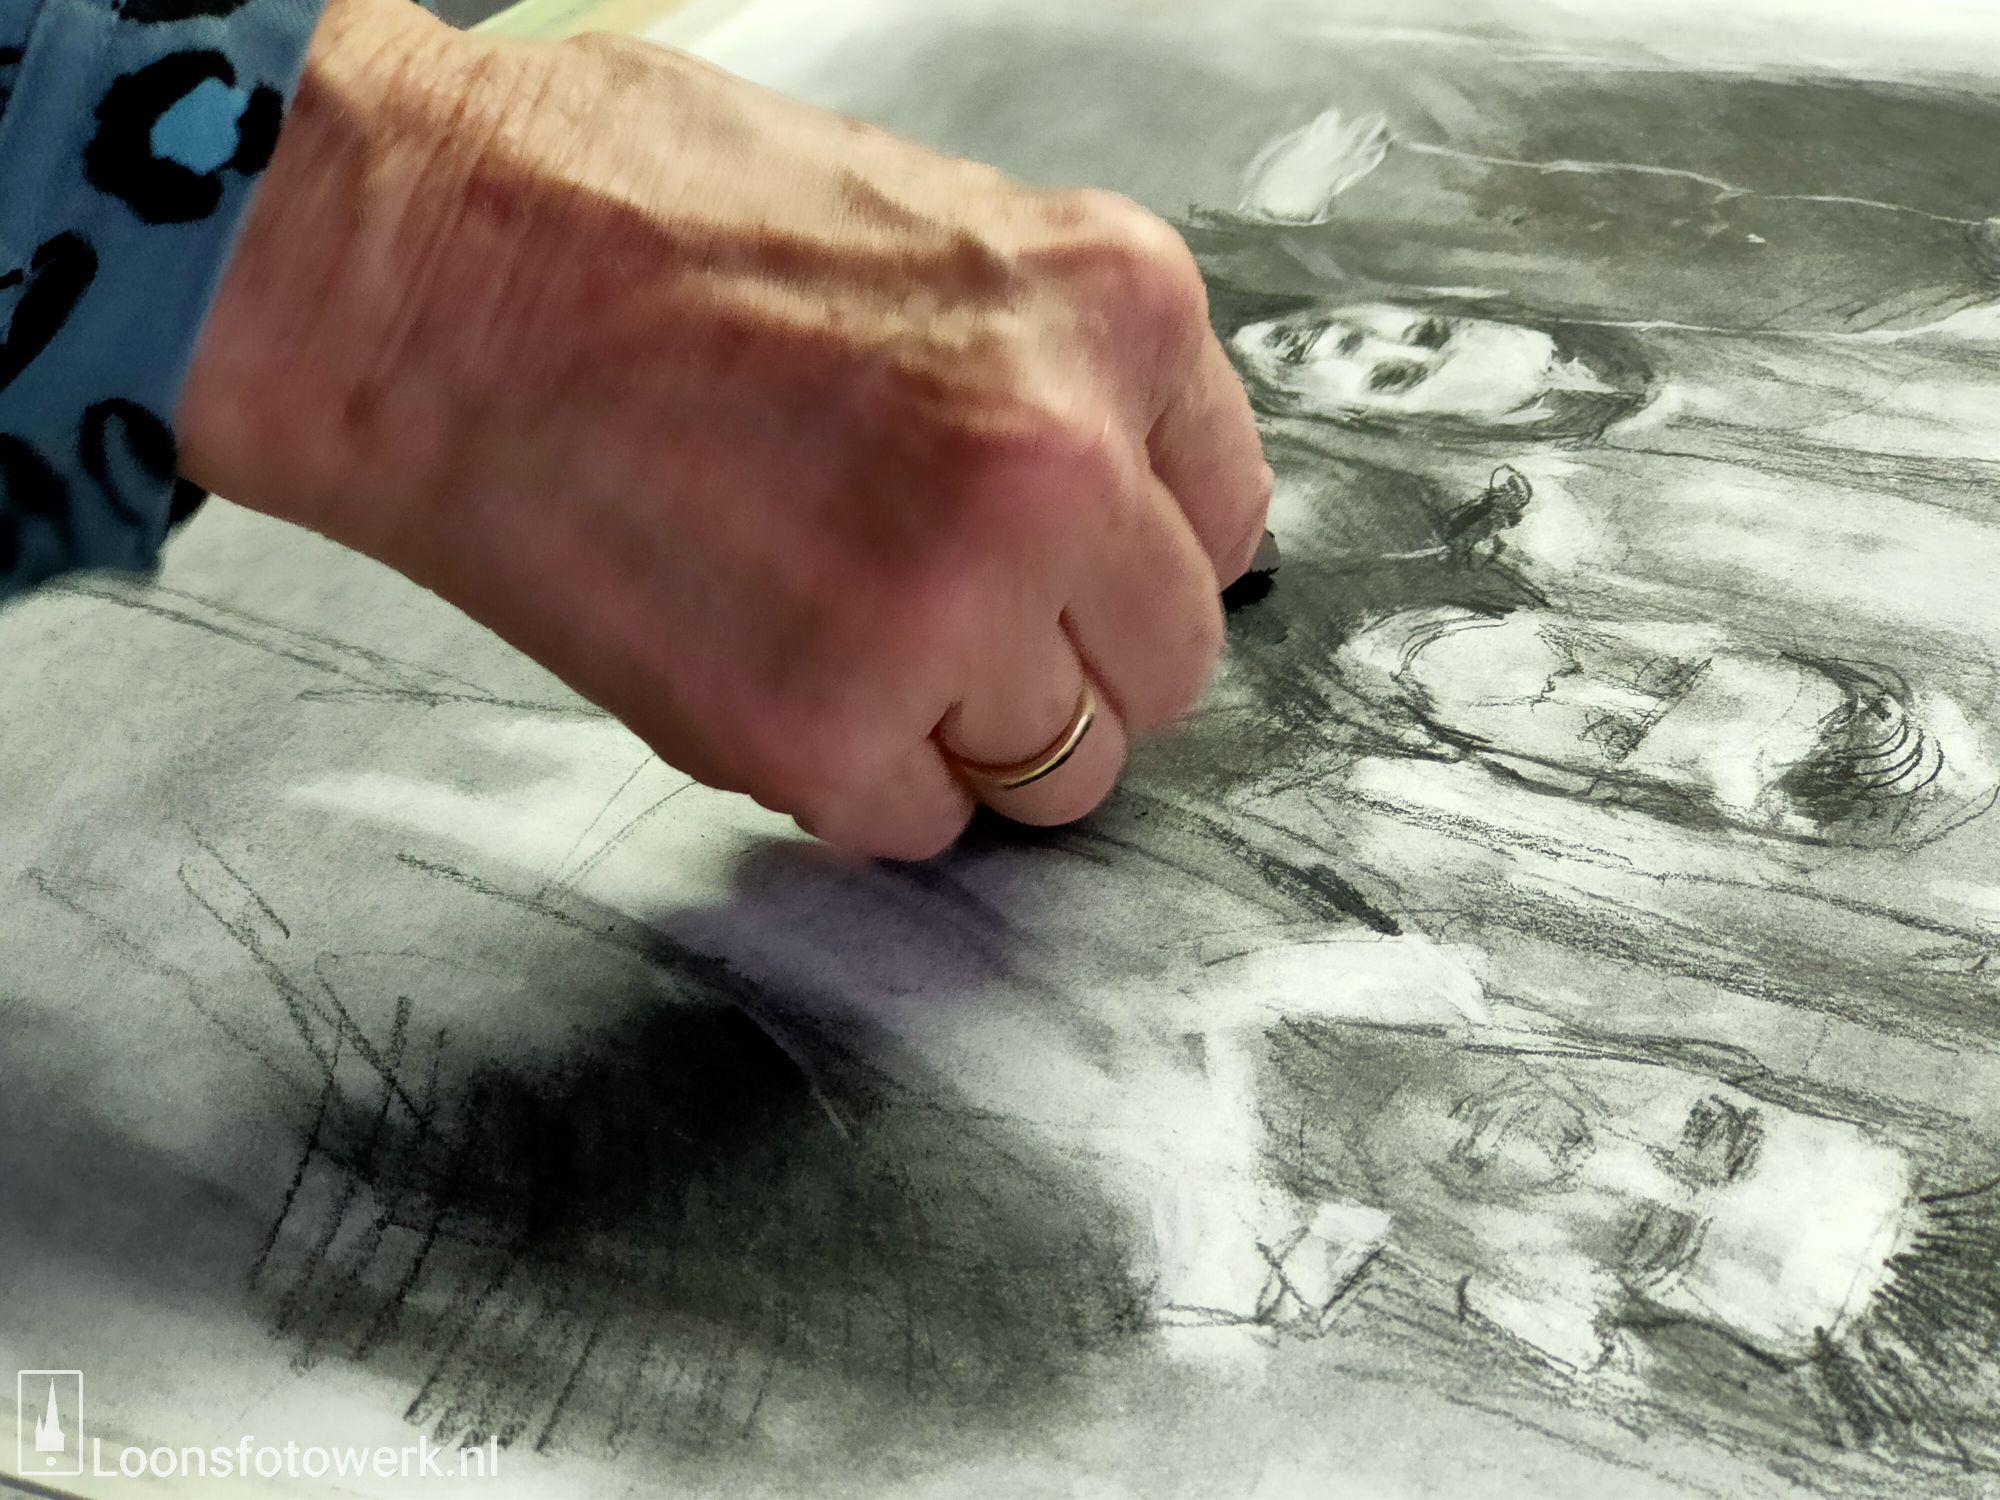 Els Smulders - Waijers, kunstenares in hart en nieren 13